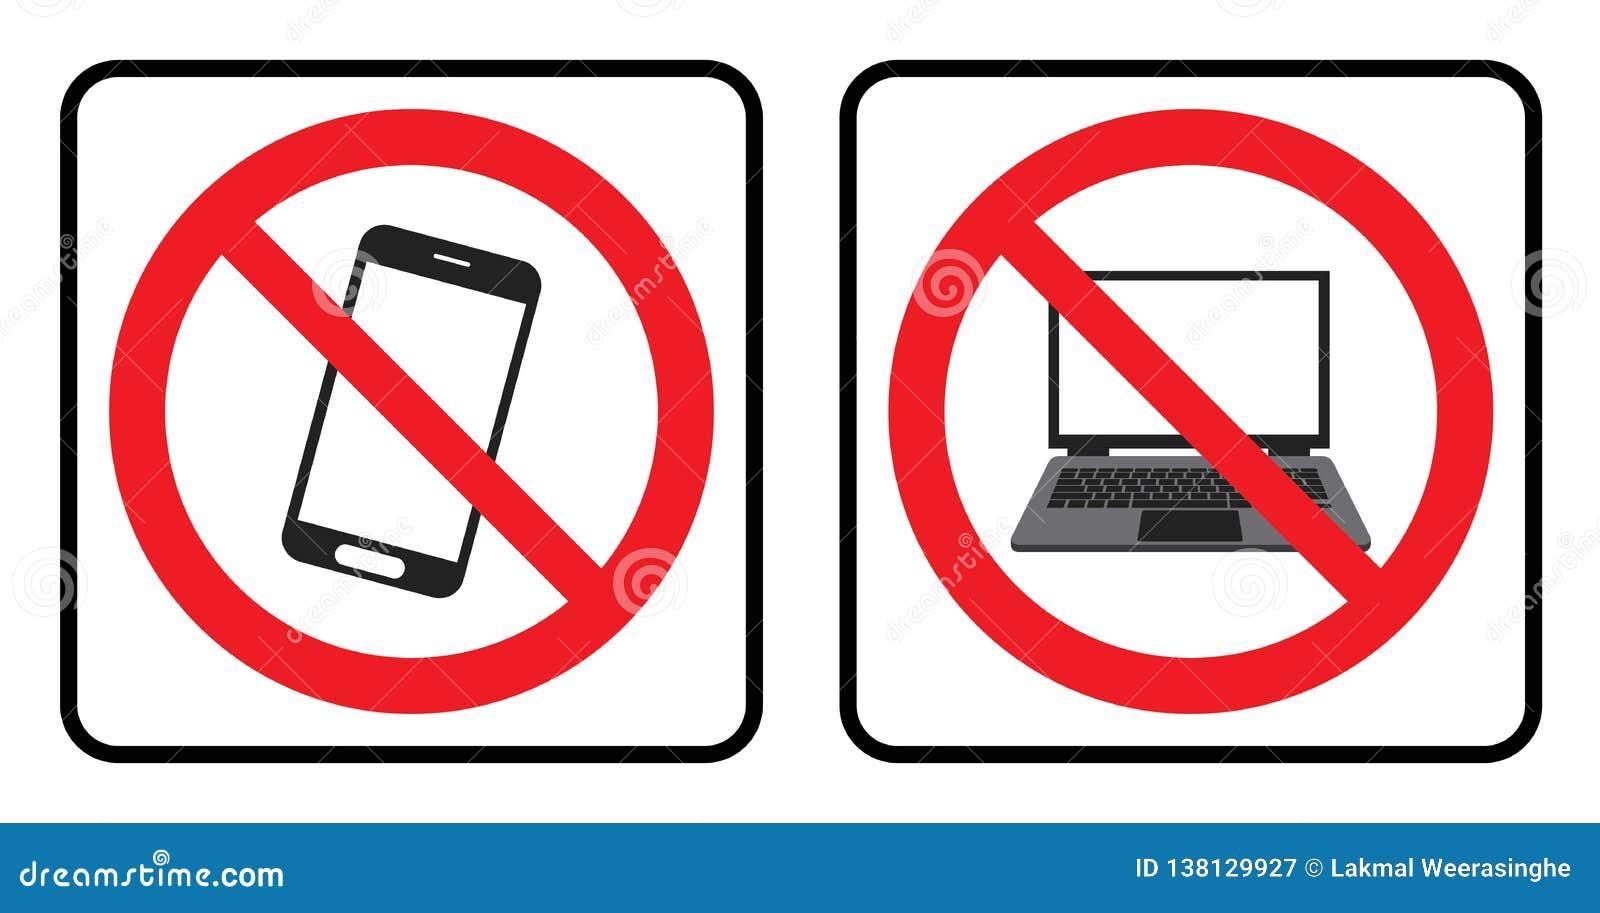 Ningún icono del teléfono y ningún icono del ordenador portátil